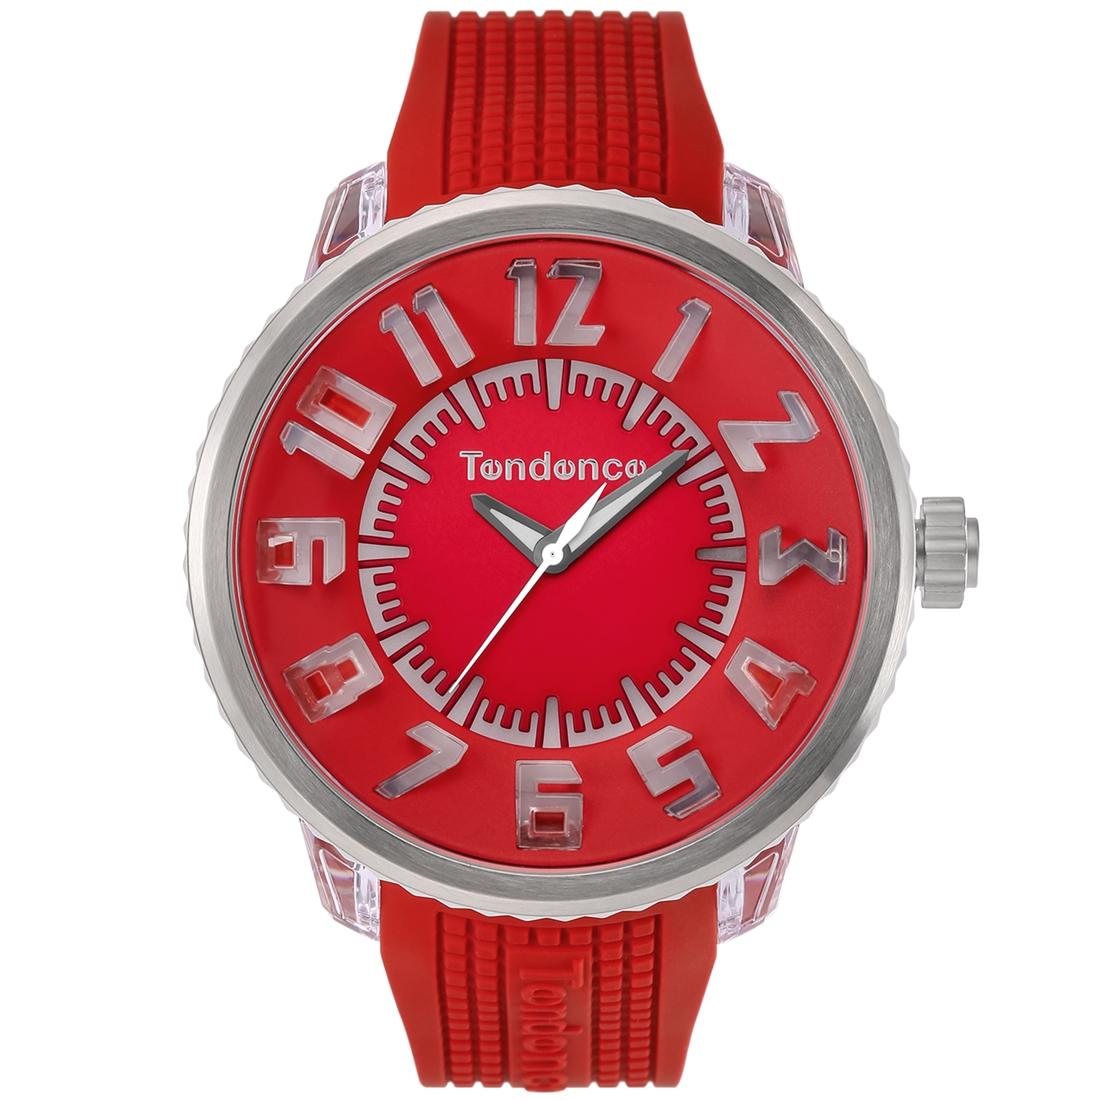 正規品 Tendence テンデンス TY532005 フラッシュ 腕時計